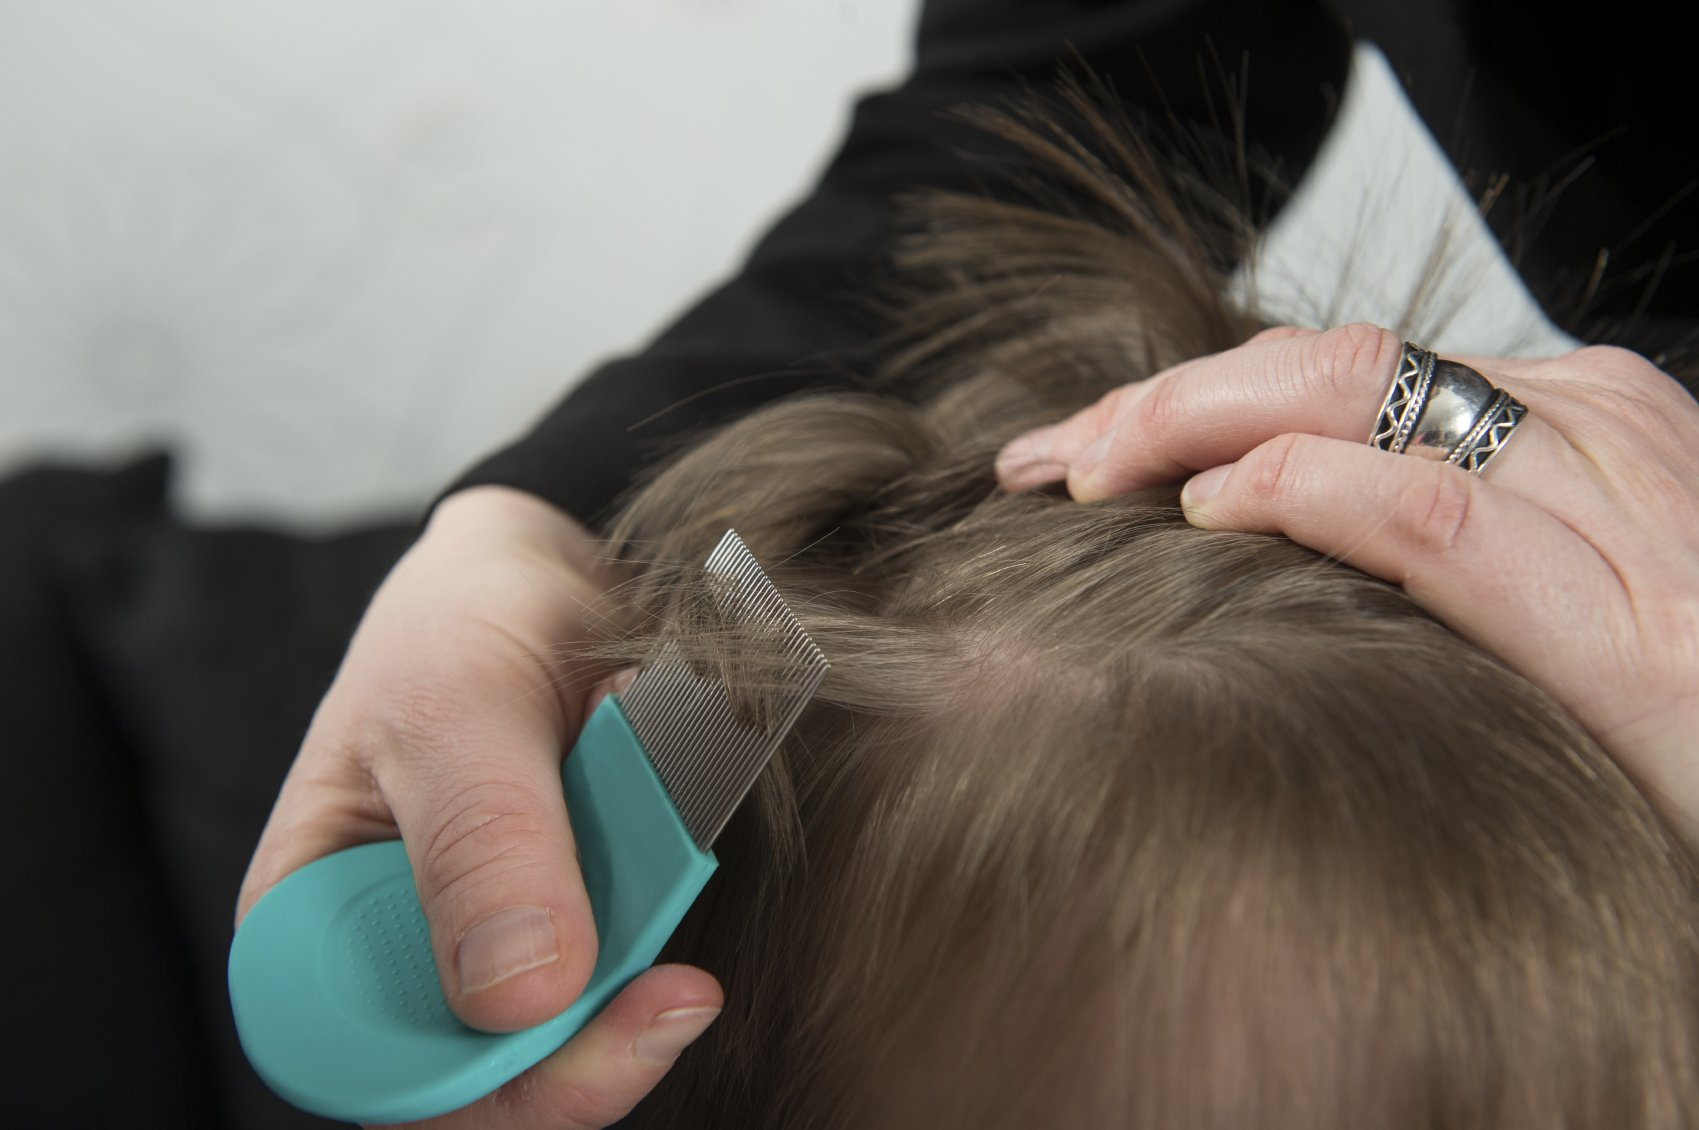 Педикулёз у детей – откуда берётся и как бороться с этой напастью